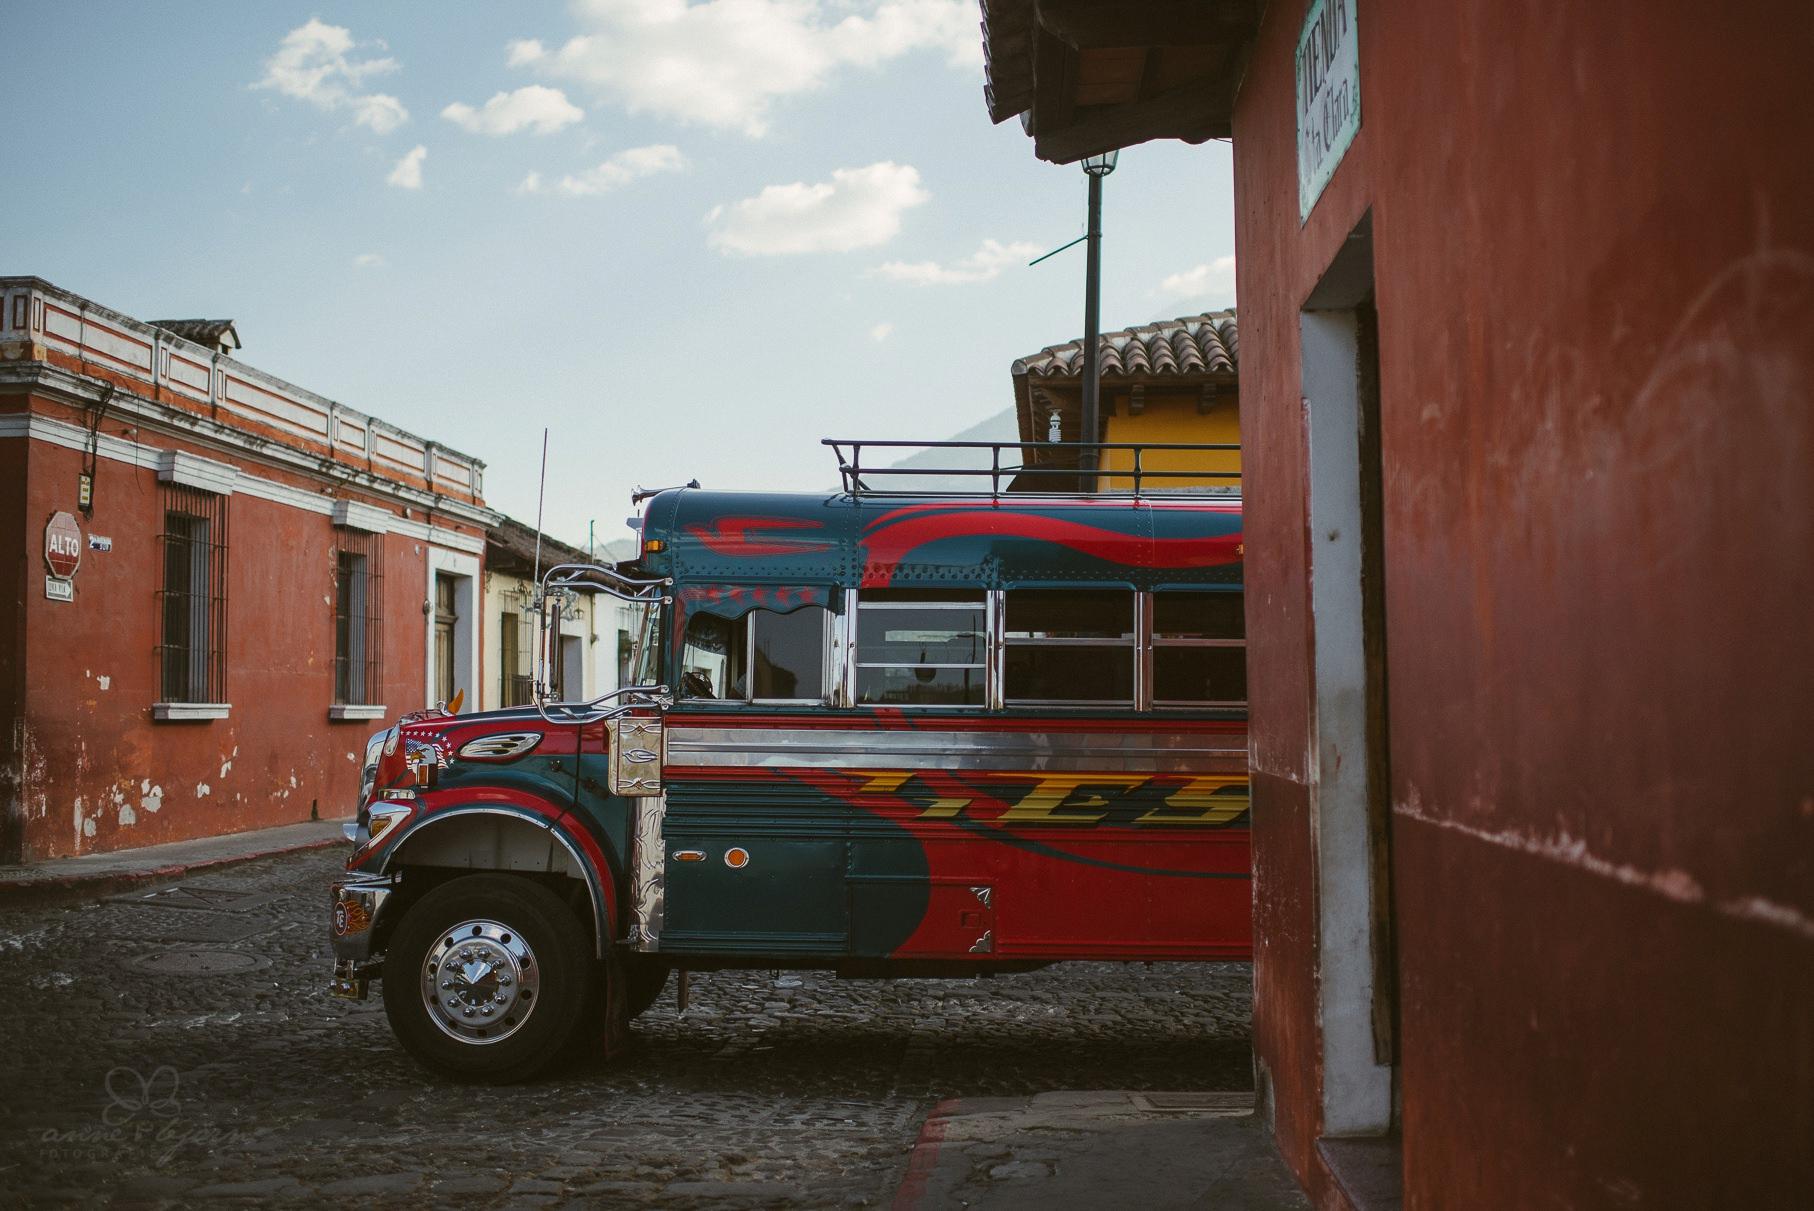 0046 anne und bjoern guatemala d75 9641 - 4 Wochen durch Guatemala - backpacking durch Mittelamerika